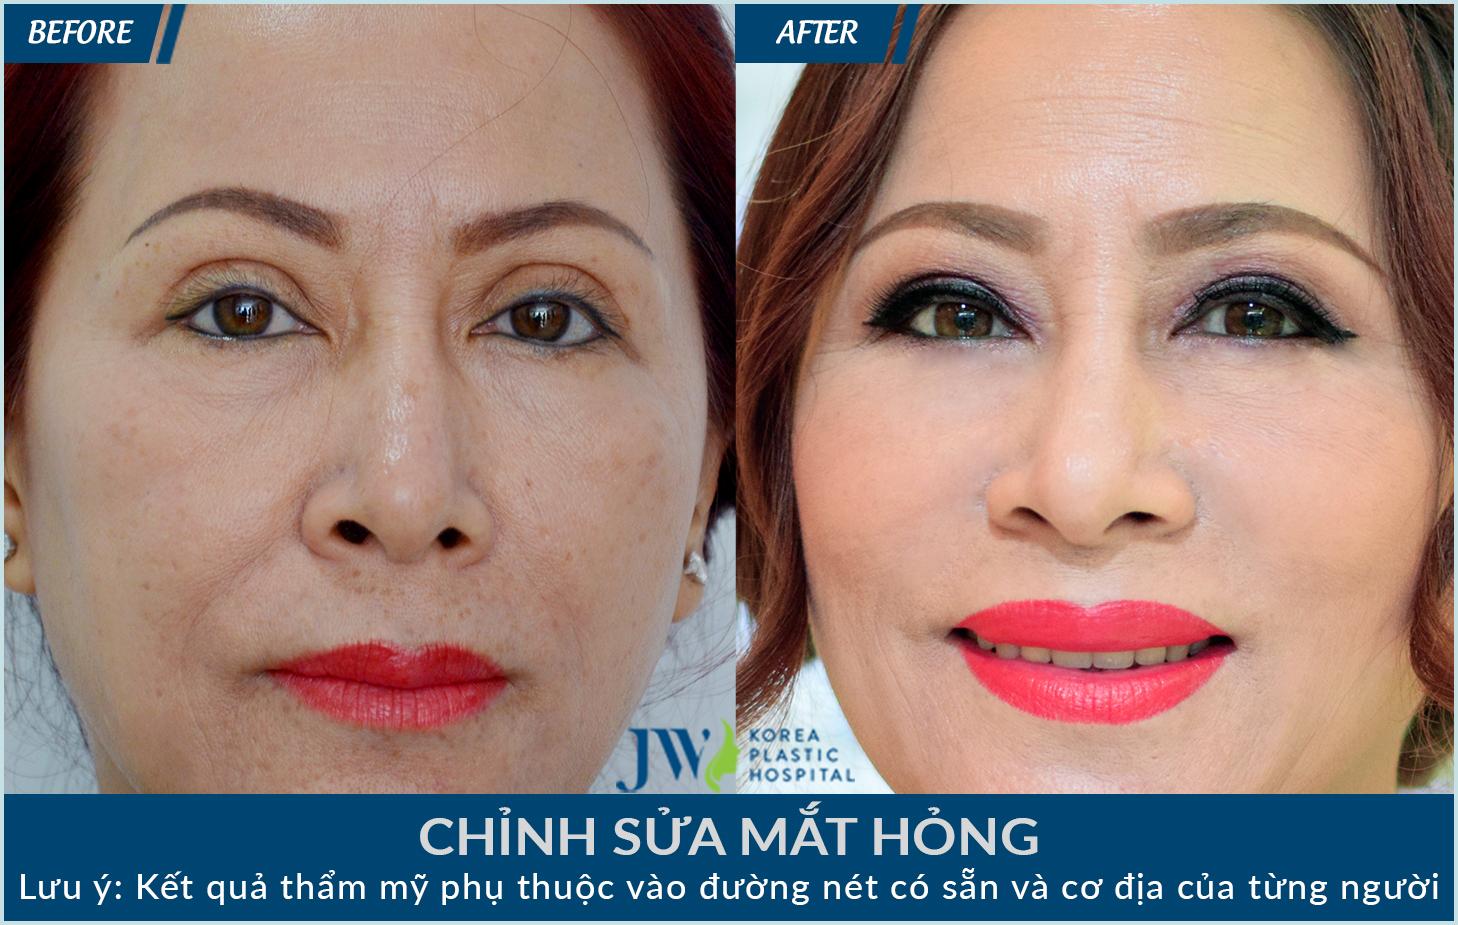 Kỹ thuật chỉnh sửa mắt hỏng tại JW khắc phục các vấn đề về mắt